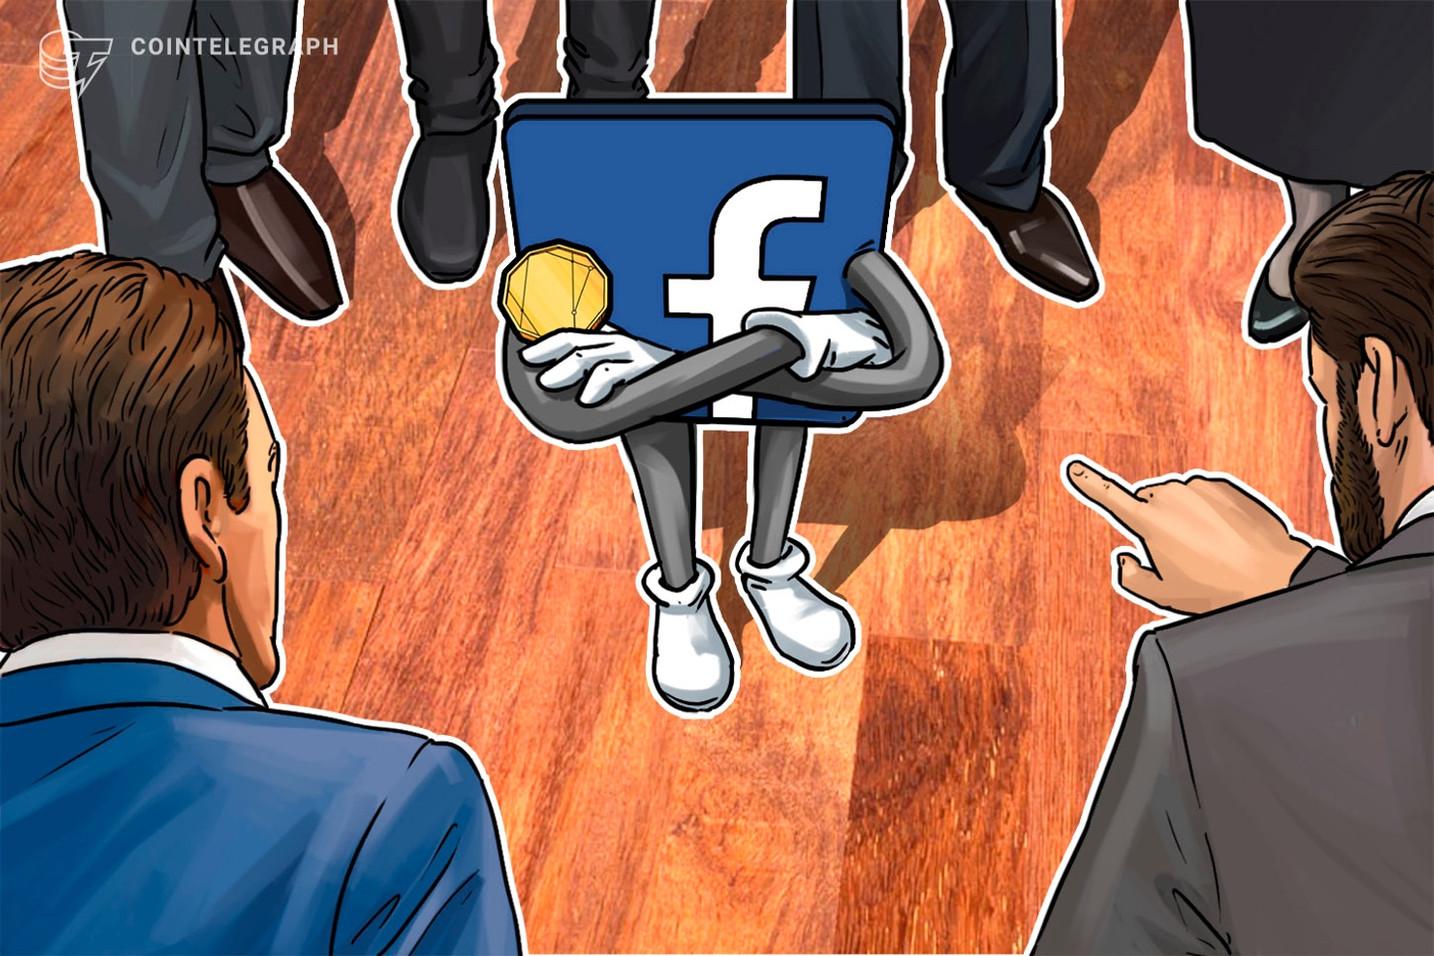 フェイスブックCOO、仮想通貨リブラに関して10月にも米議会で証言か=ブルームバーグ